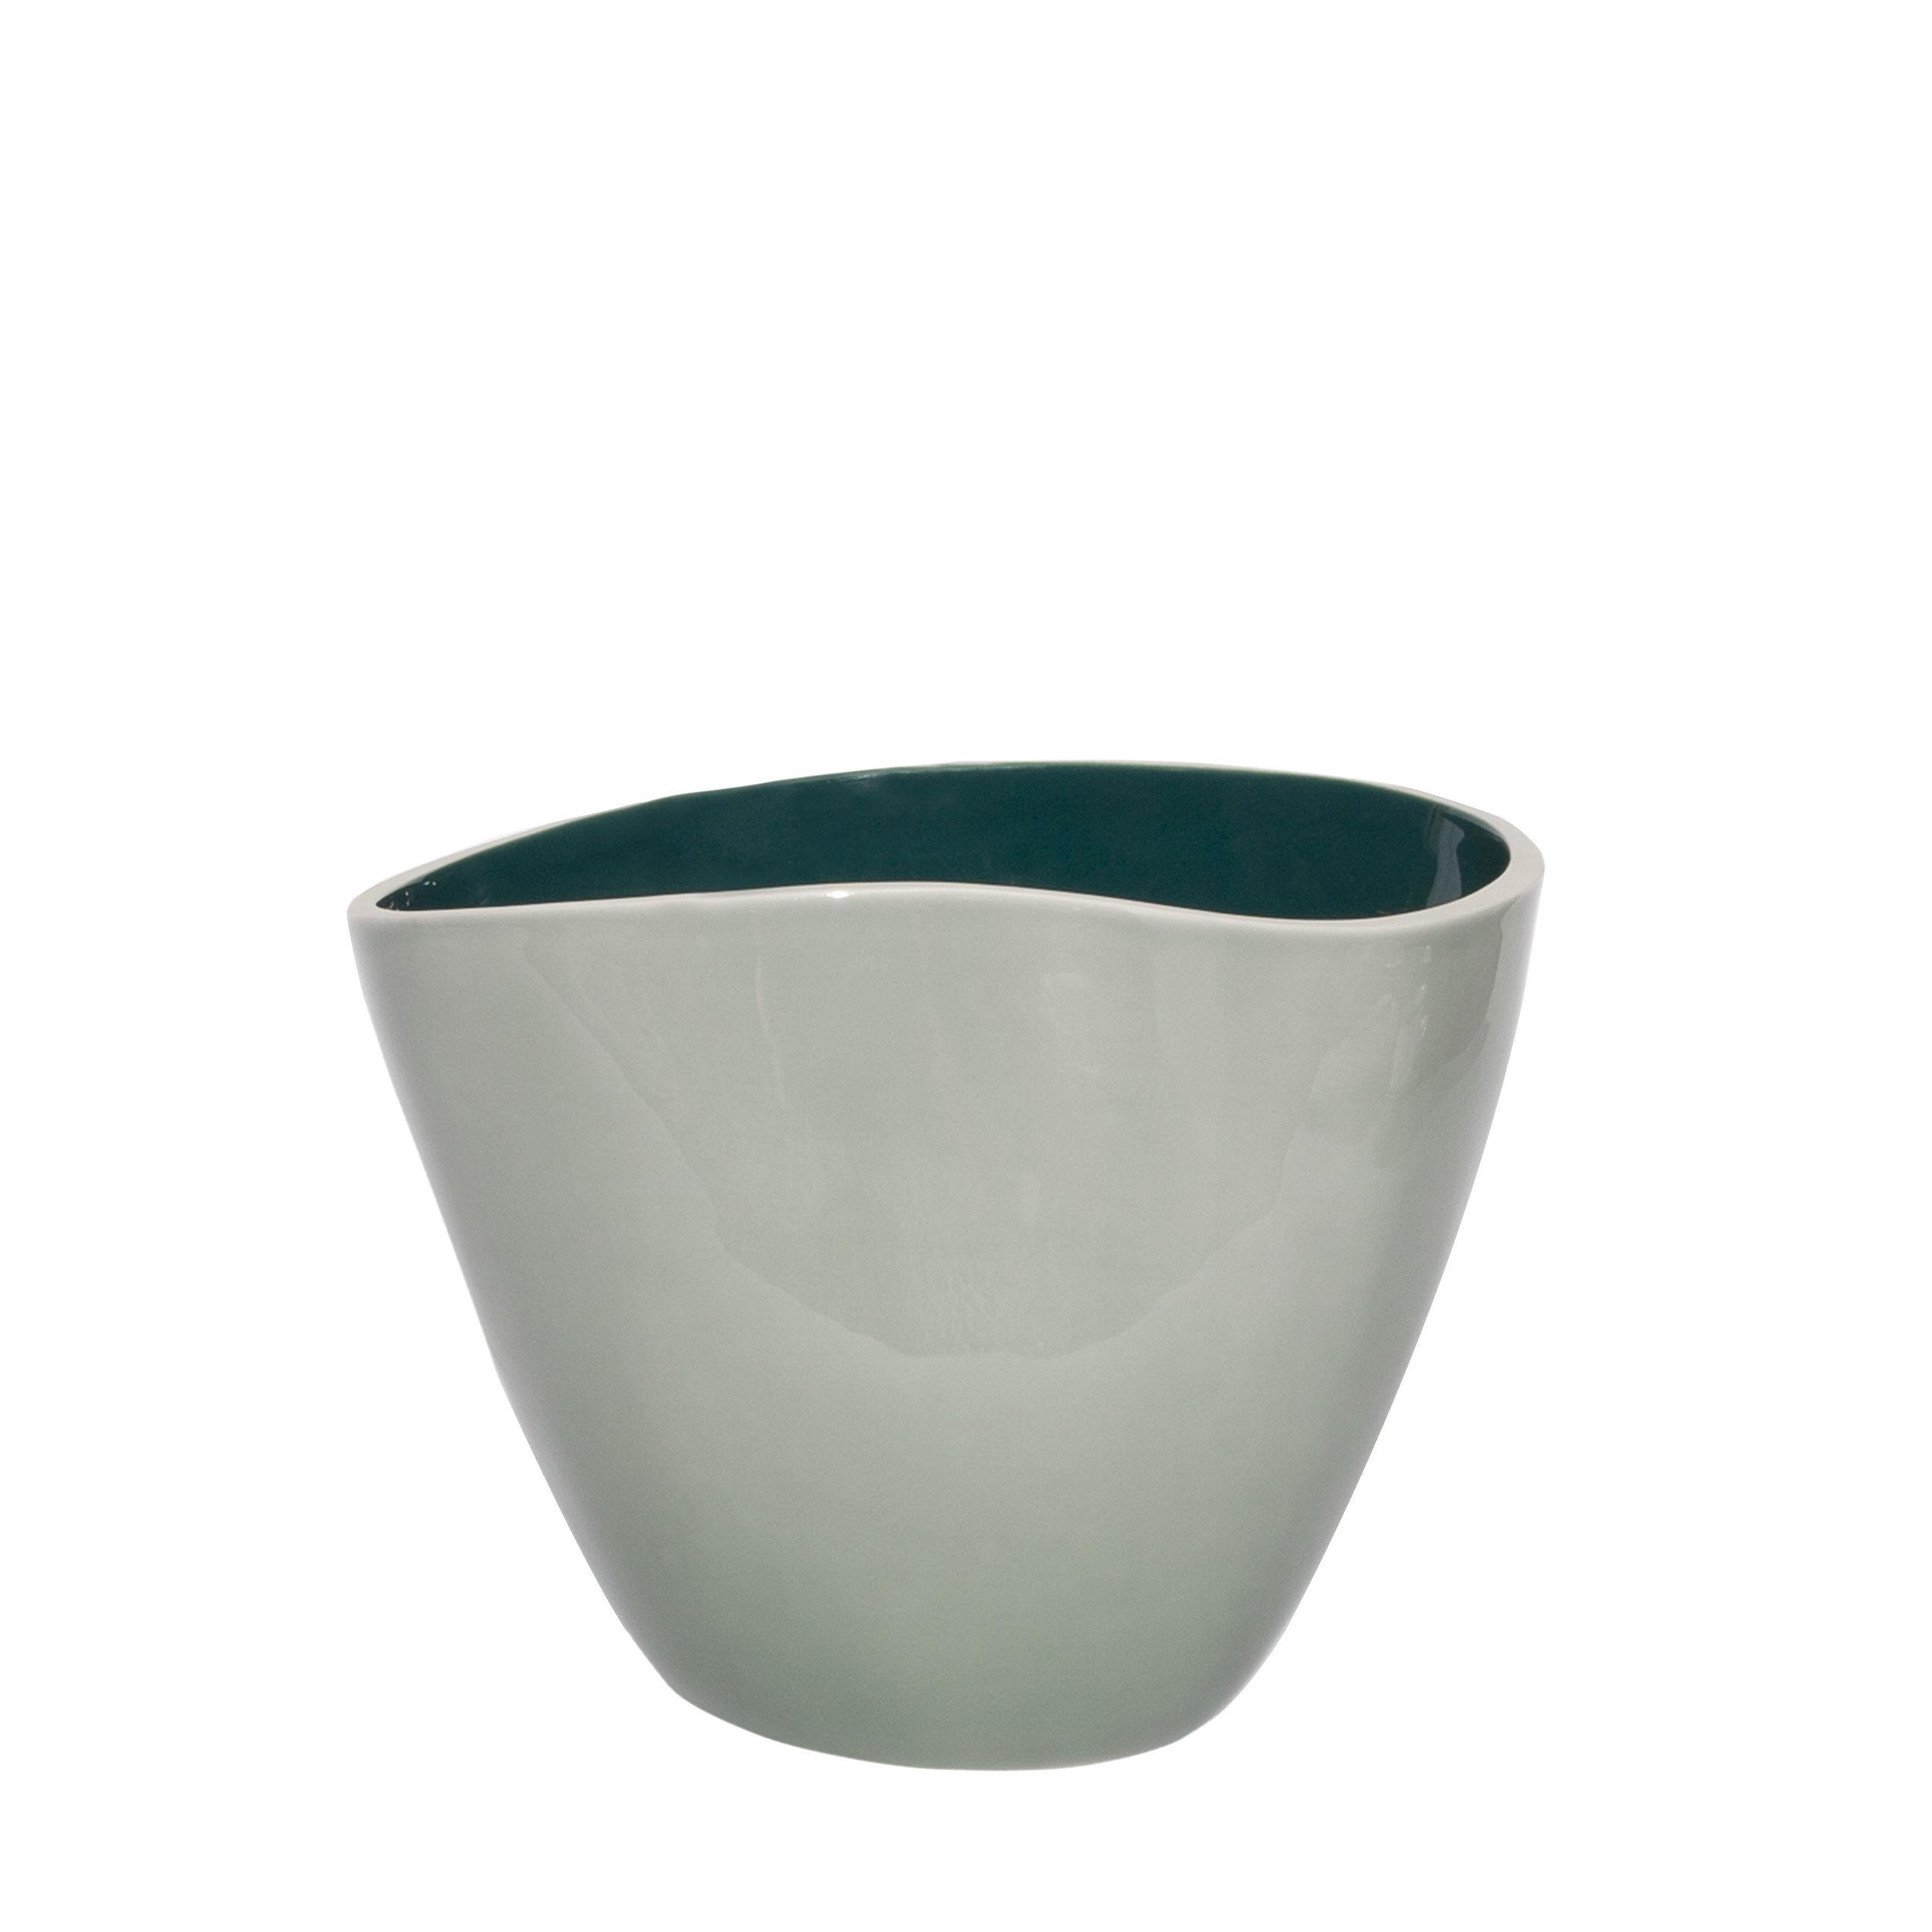 Decoration - Vases - Double Jeu Vase - / Small - H 21 cm by Maison Sarah Lavoine - Lime / Sarah blue - Ceramic